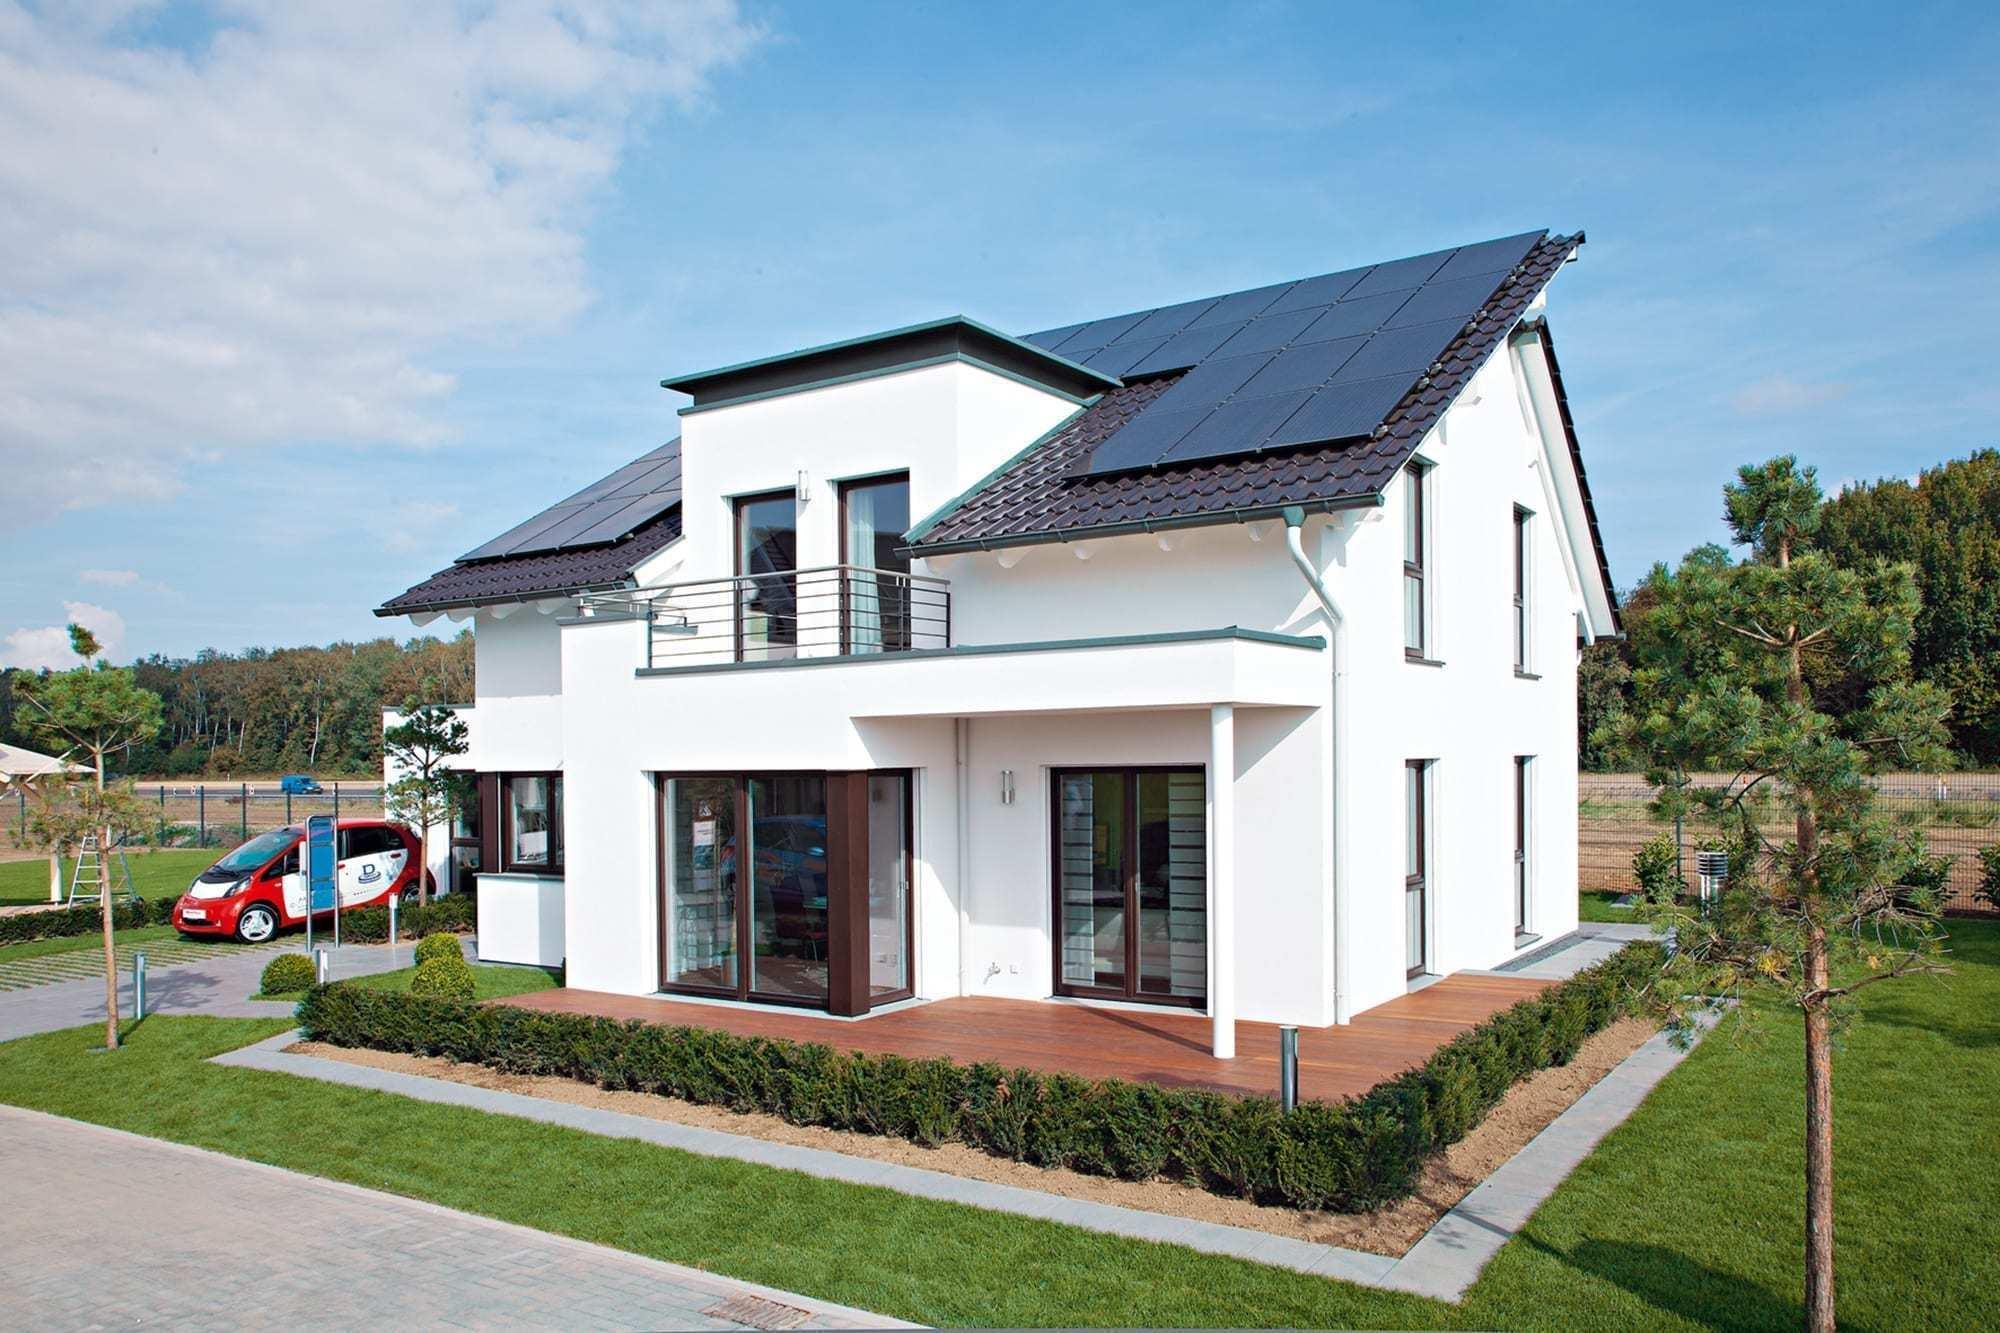 k mmerling 76 centre seal passive house wa15 2 k mmerling. Black Bedroom Furniture Sets. Home Design Ideas